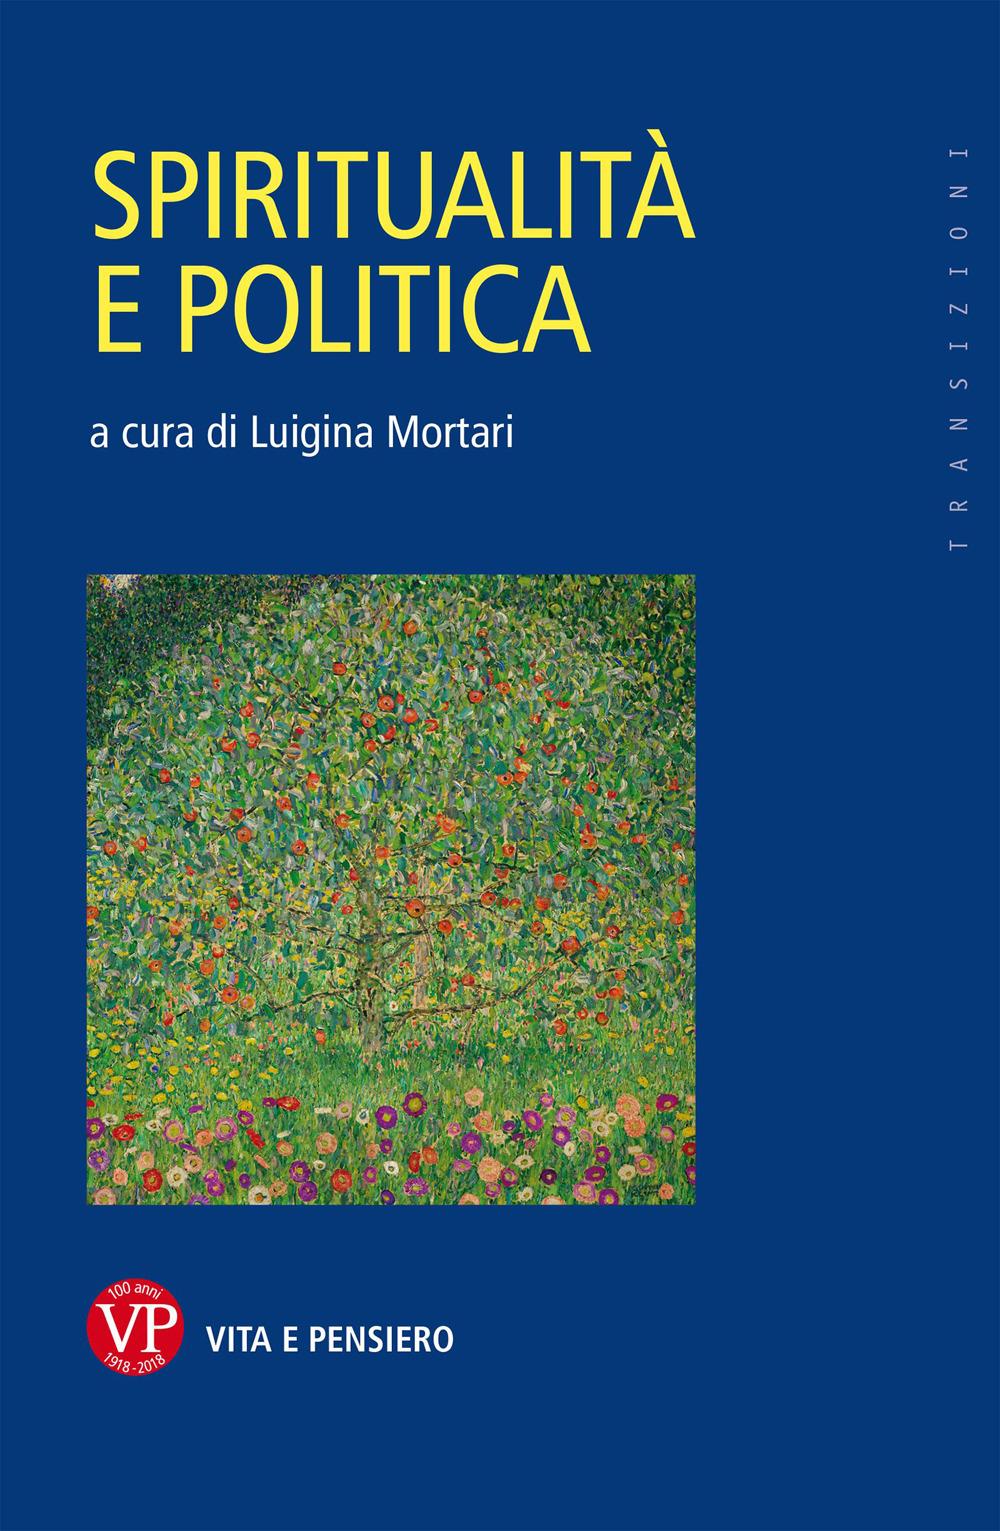 SPIRITUALITÀ E POLITICA - 9788834335581